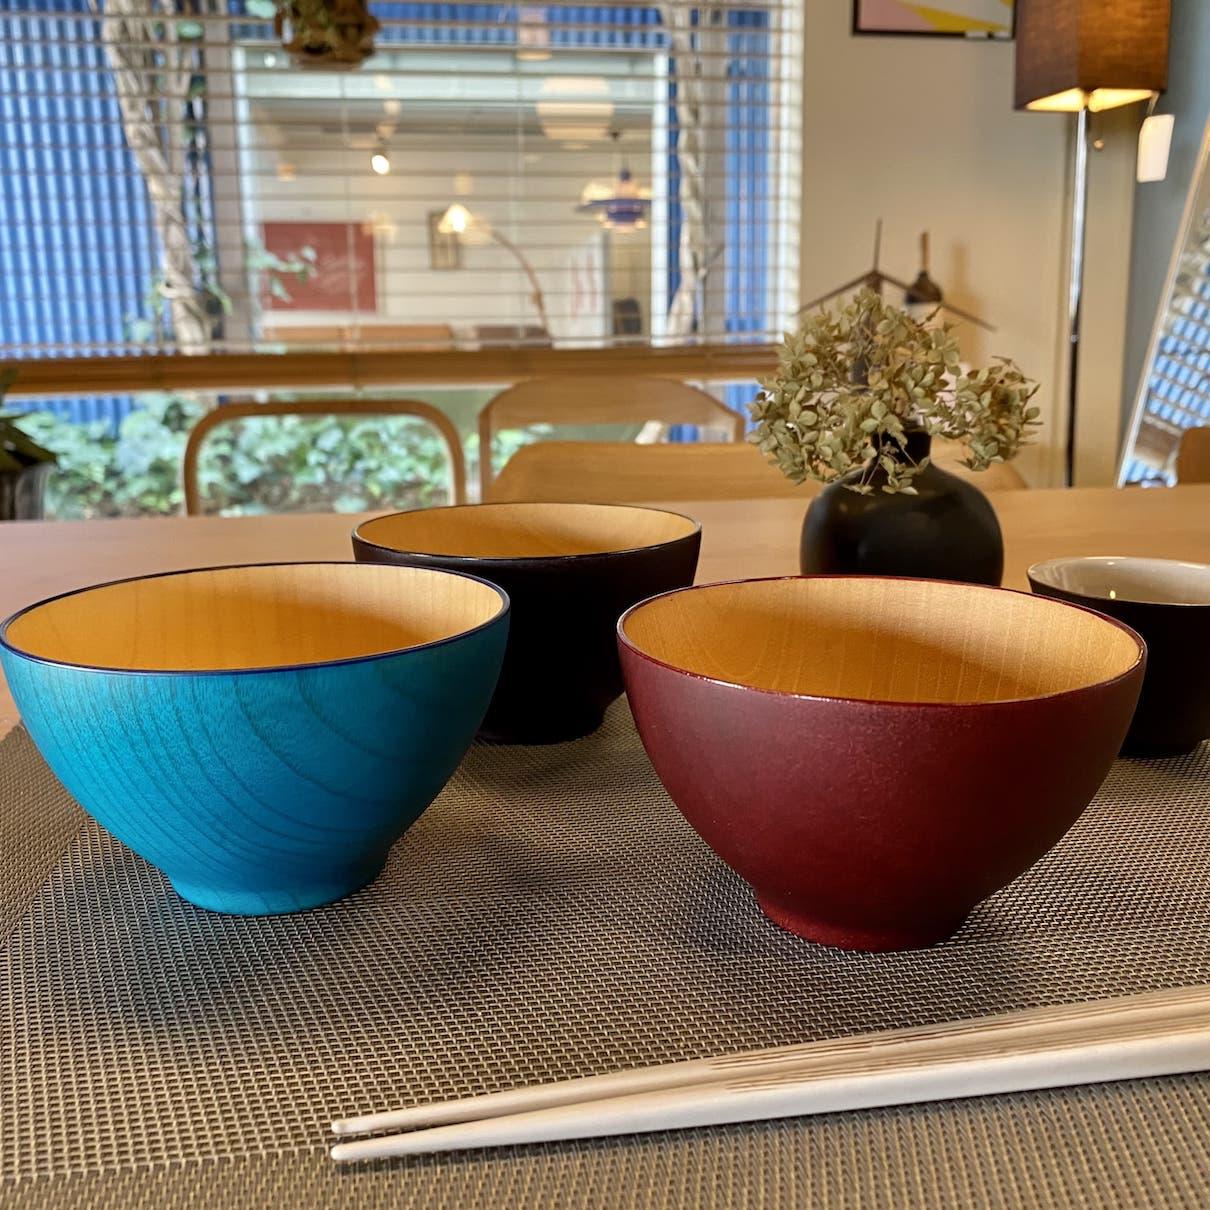 ビターカラーズ木彩椀